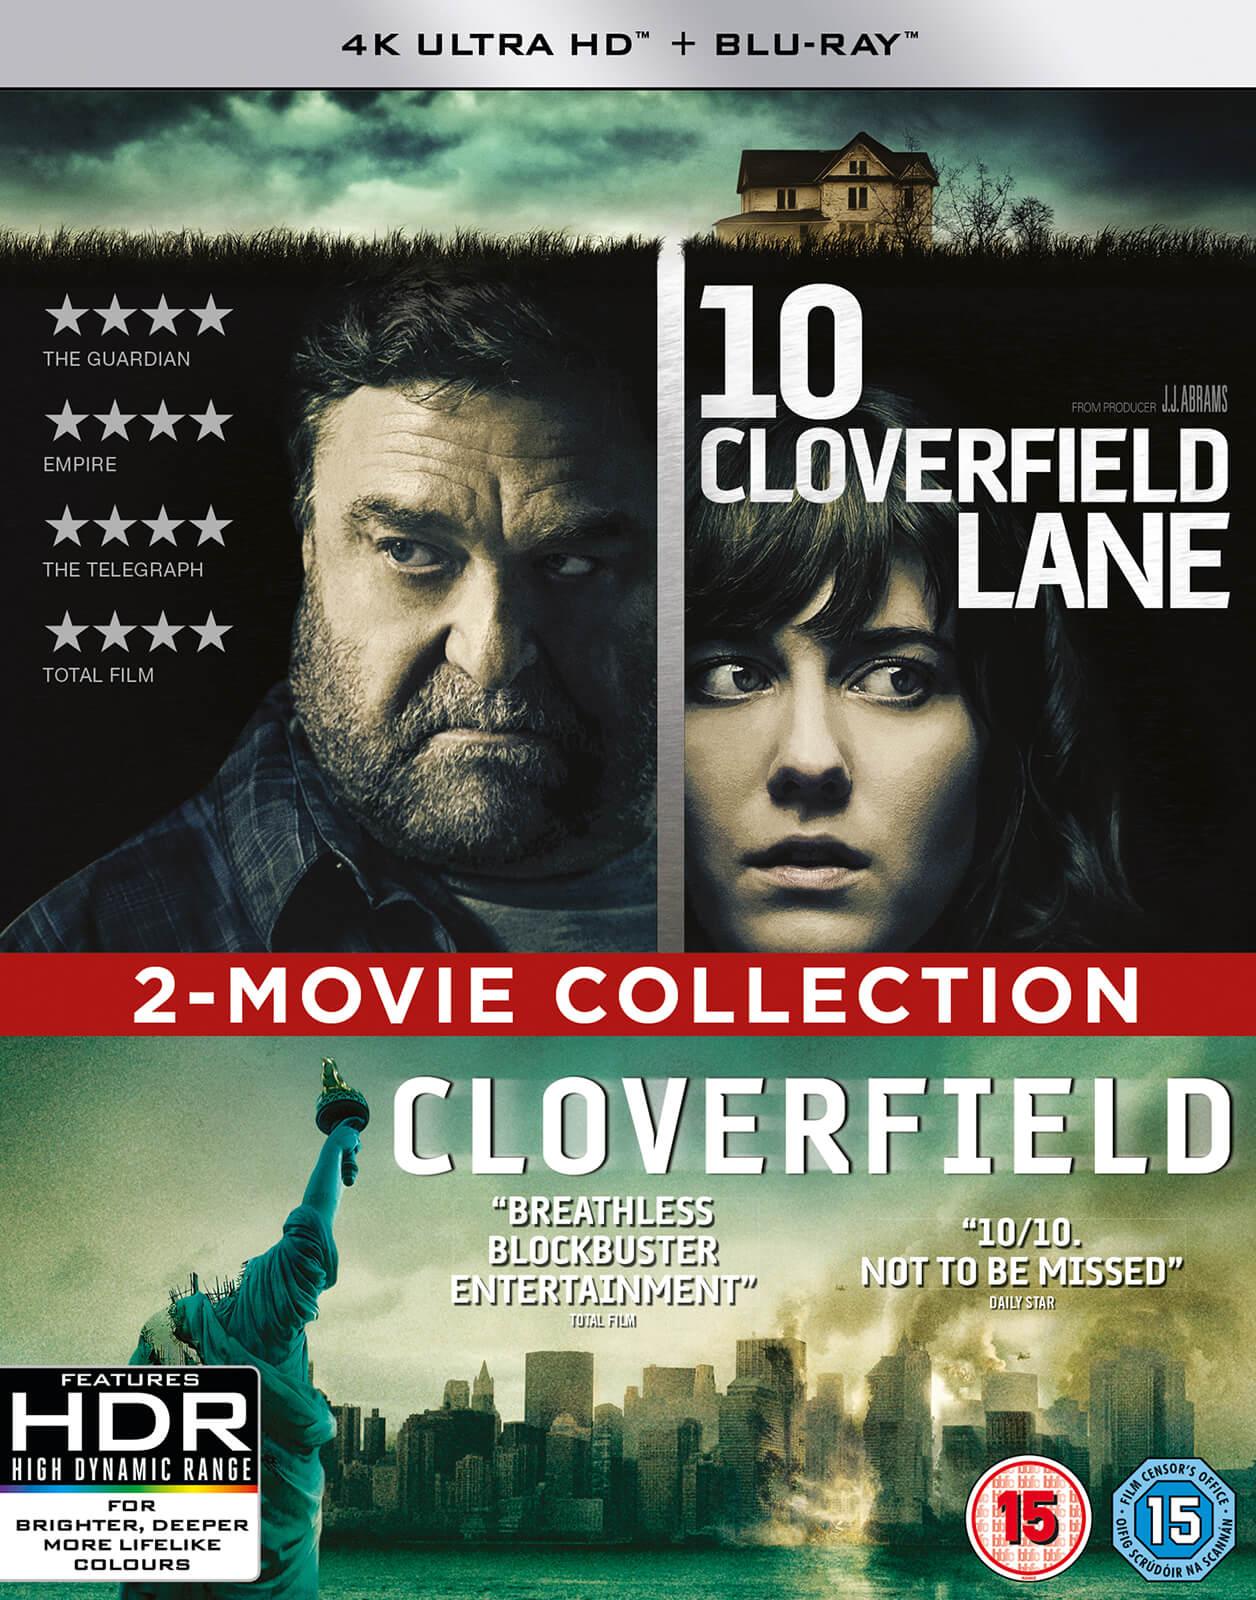 Cloverfield + 10 Cloverfield Lane (4K Blu-ray + Blu-ray) für 18€ (Zoom)